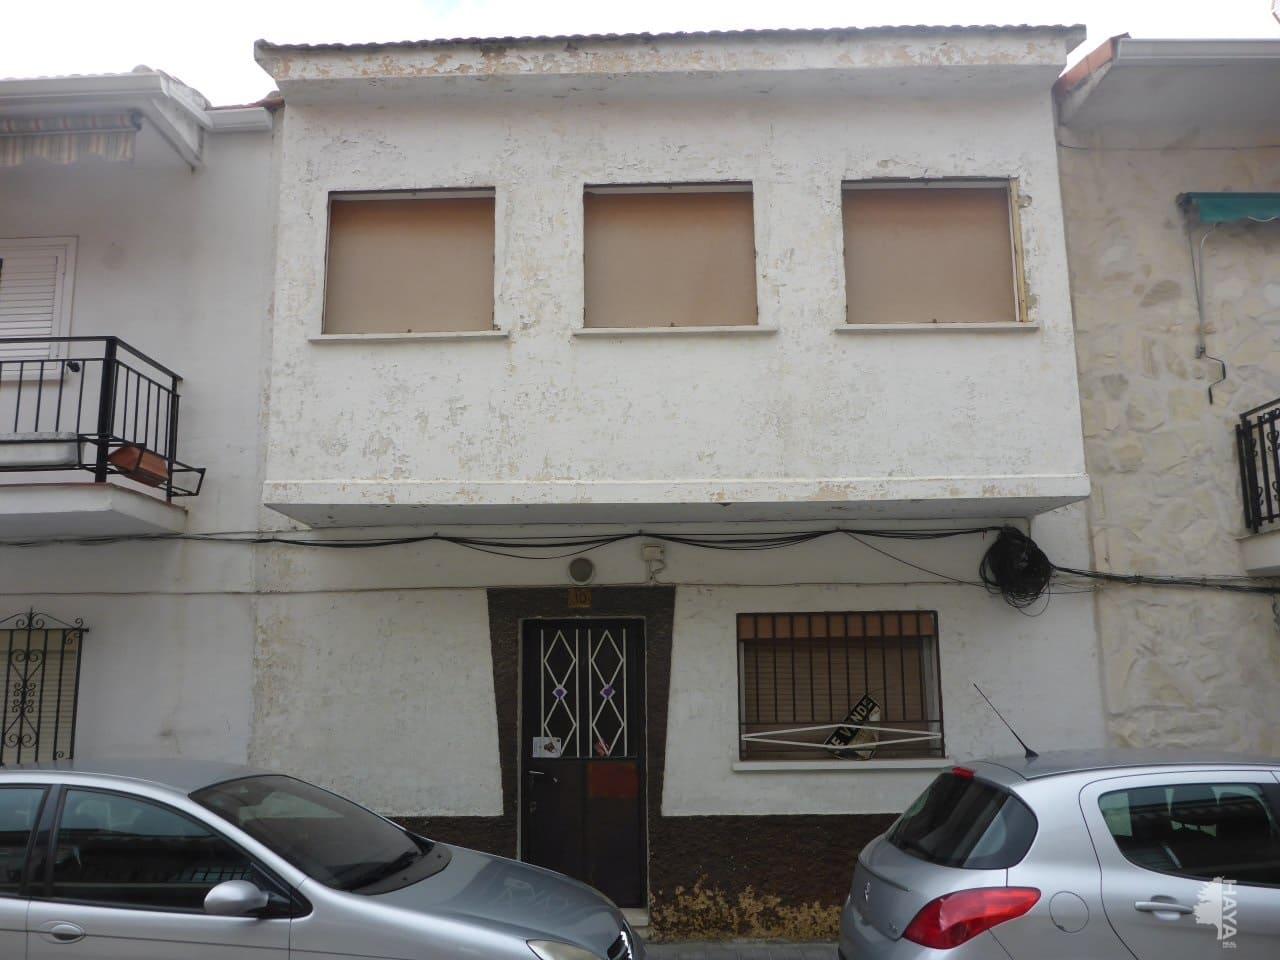 Piso en venta en Paracuellos de Jarama, Madrid, Calle Carrril, 113.469 €, 2 habitaciones, 1 baño, 104 m2